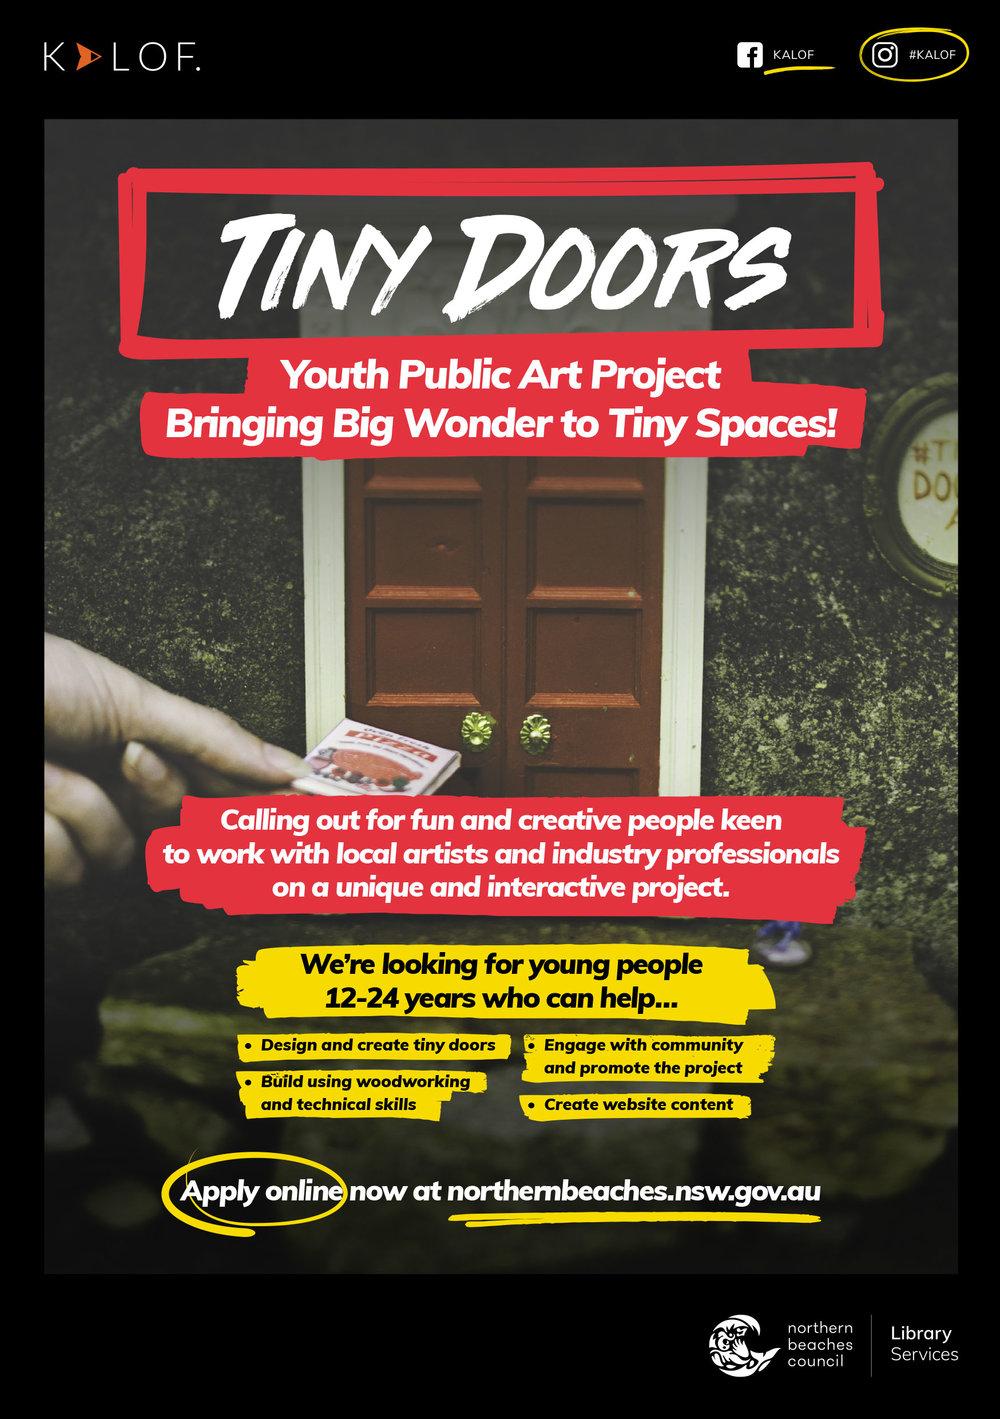 Tiny-Doors-Community-Art_EDM - Copy - Copy.jpg